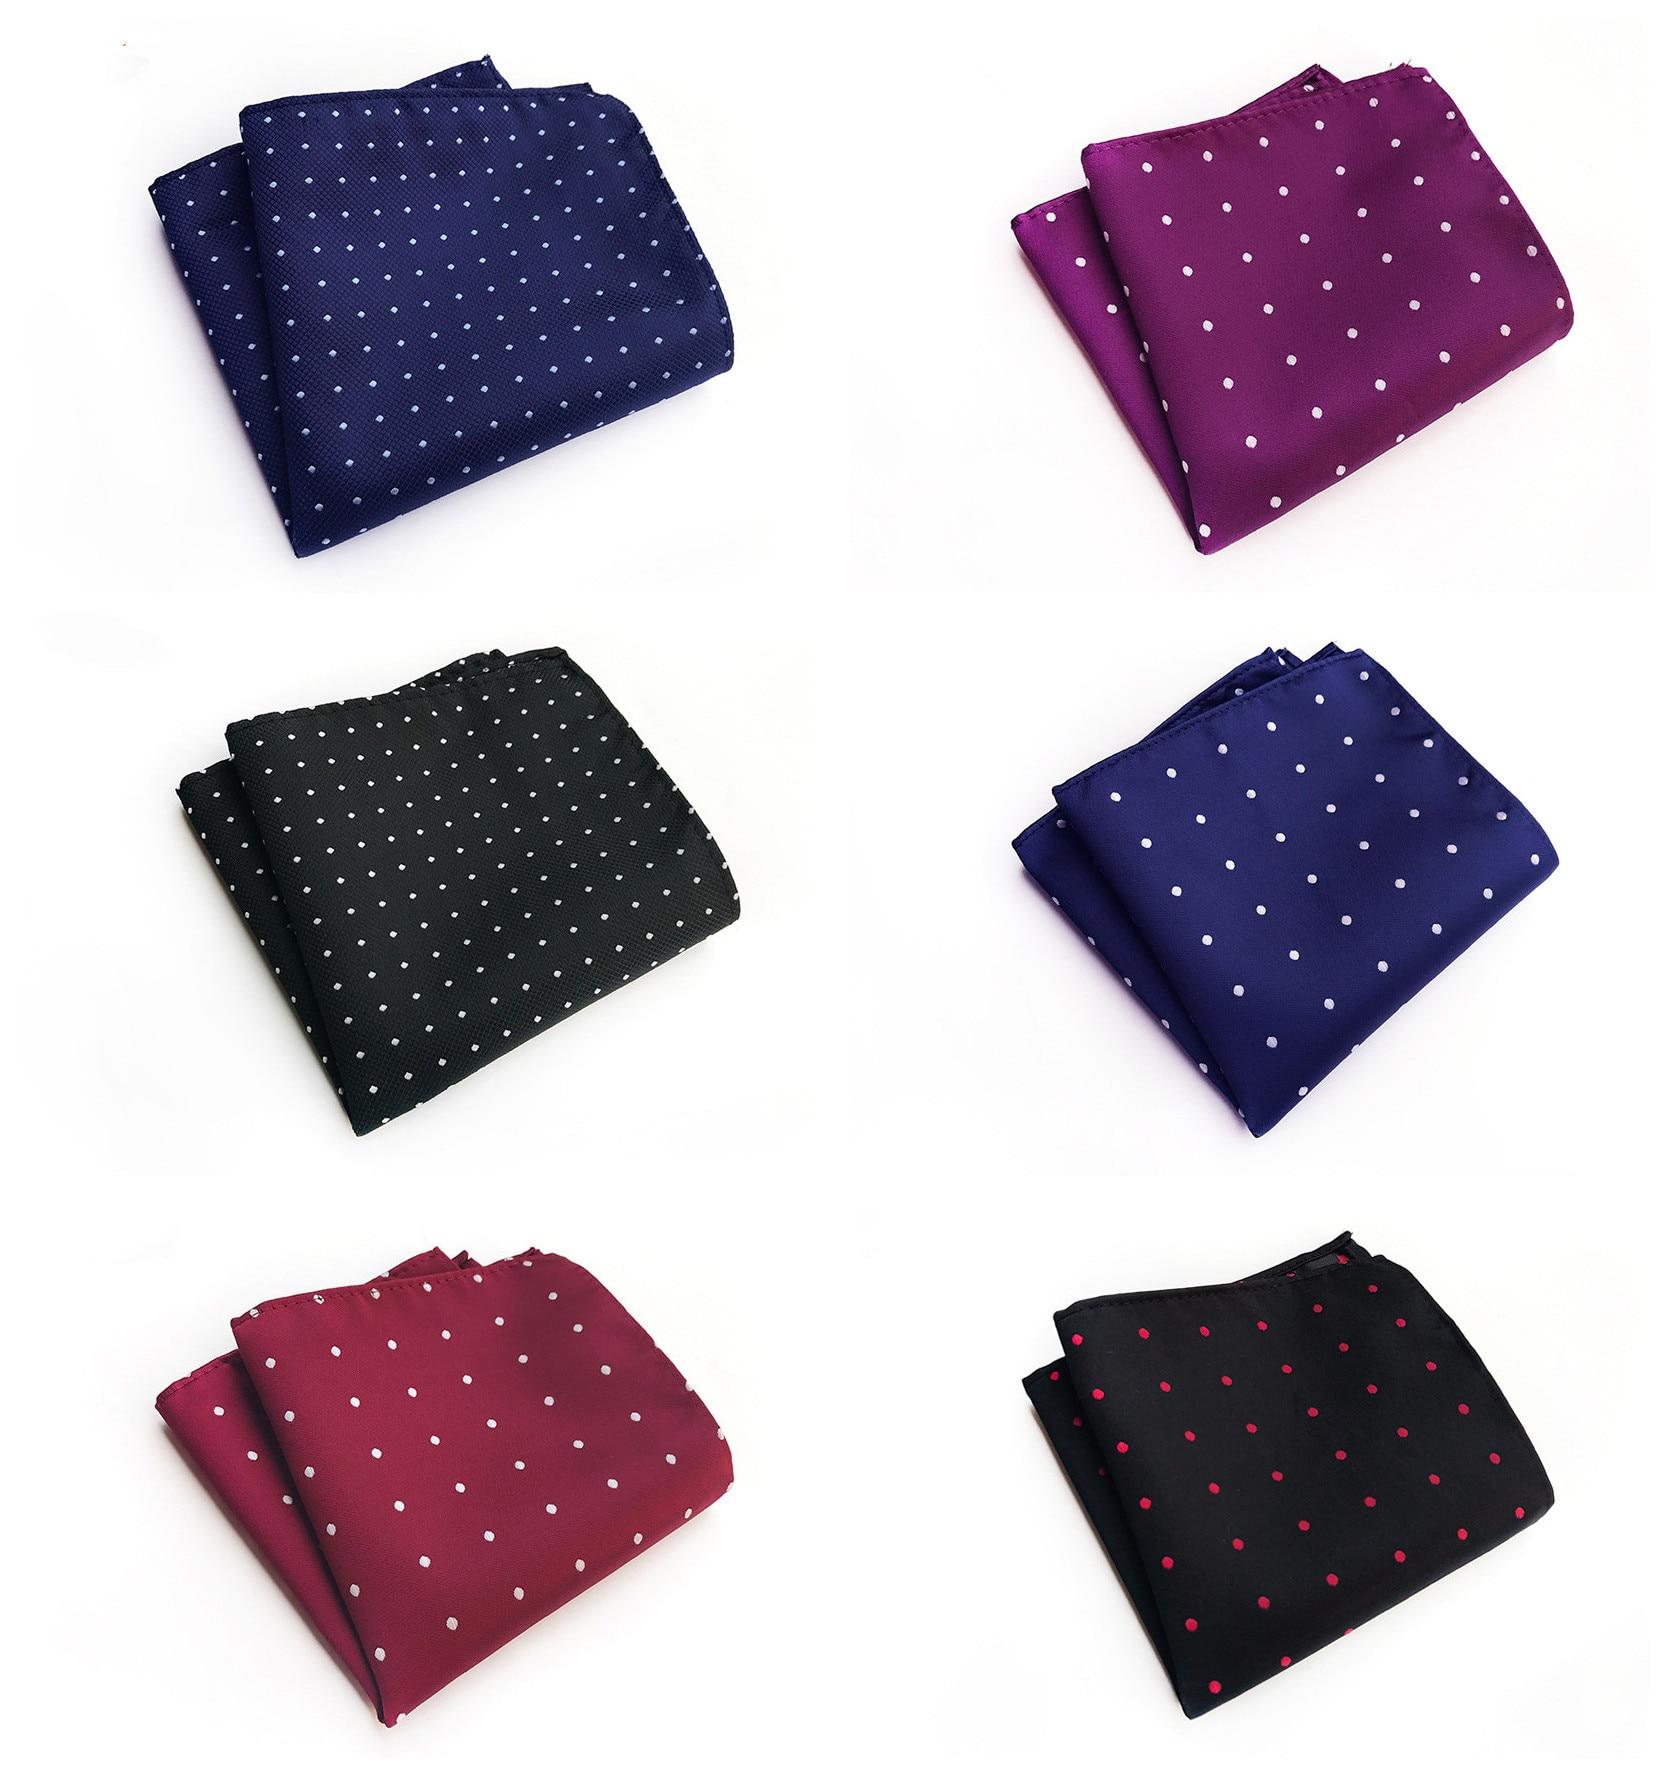 Fashion Explosion Men's Business Suit Handkerchief Towel 2020 Fashion Unique Design Polyester Material Dress Pocket Towel